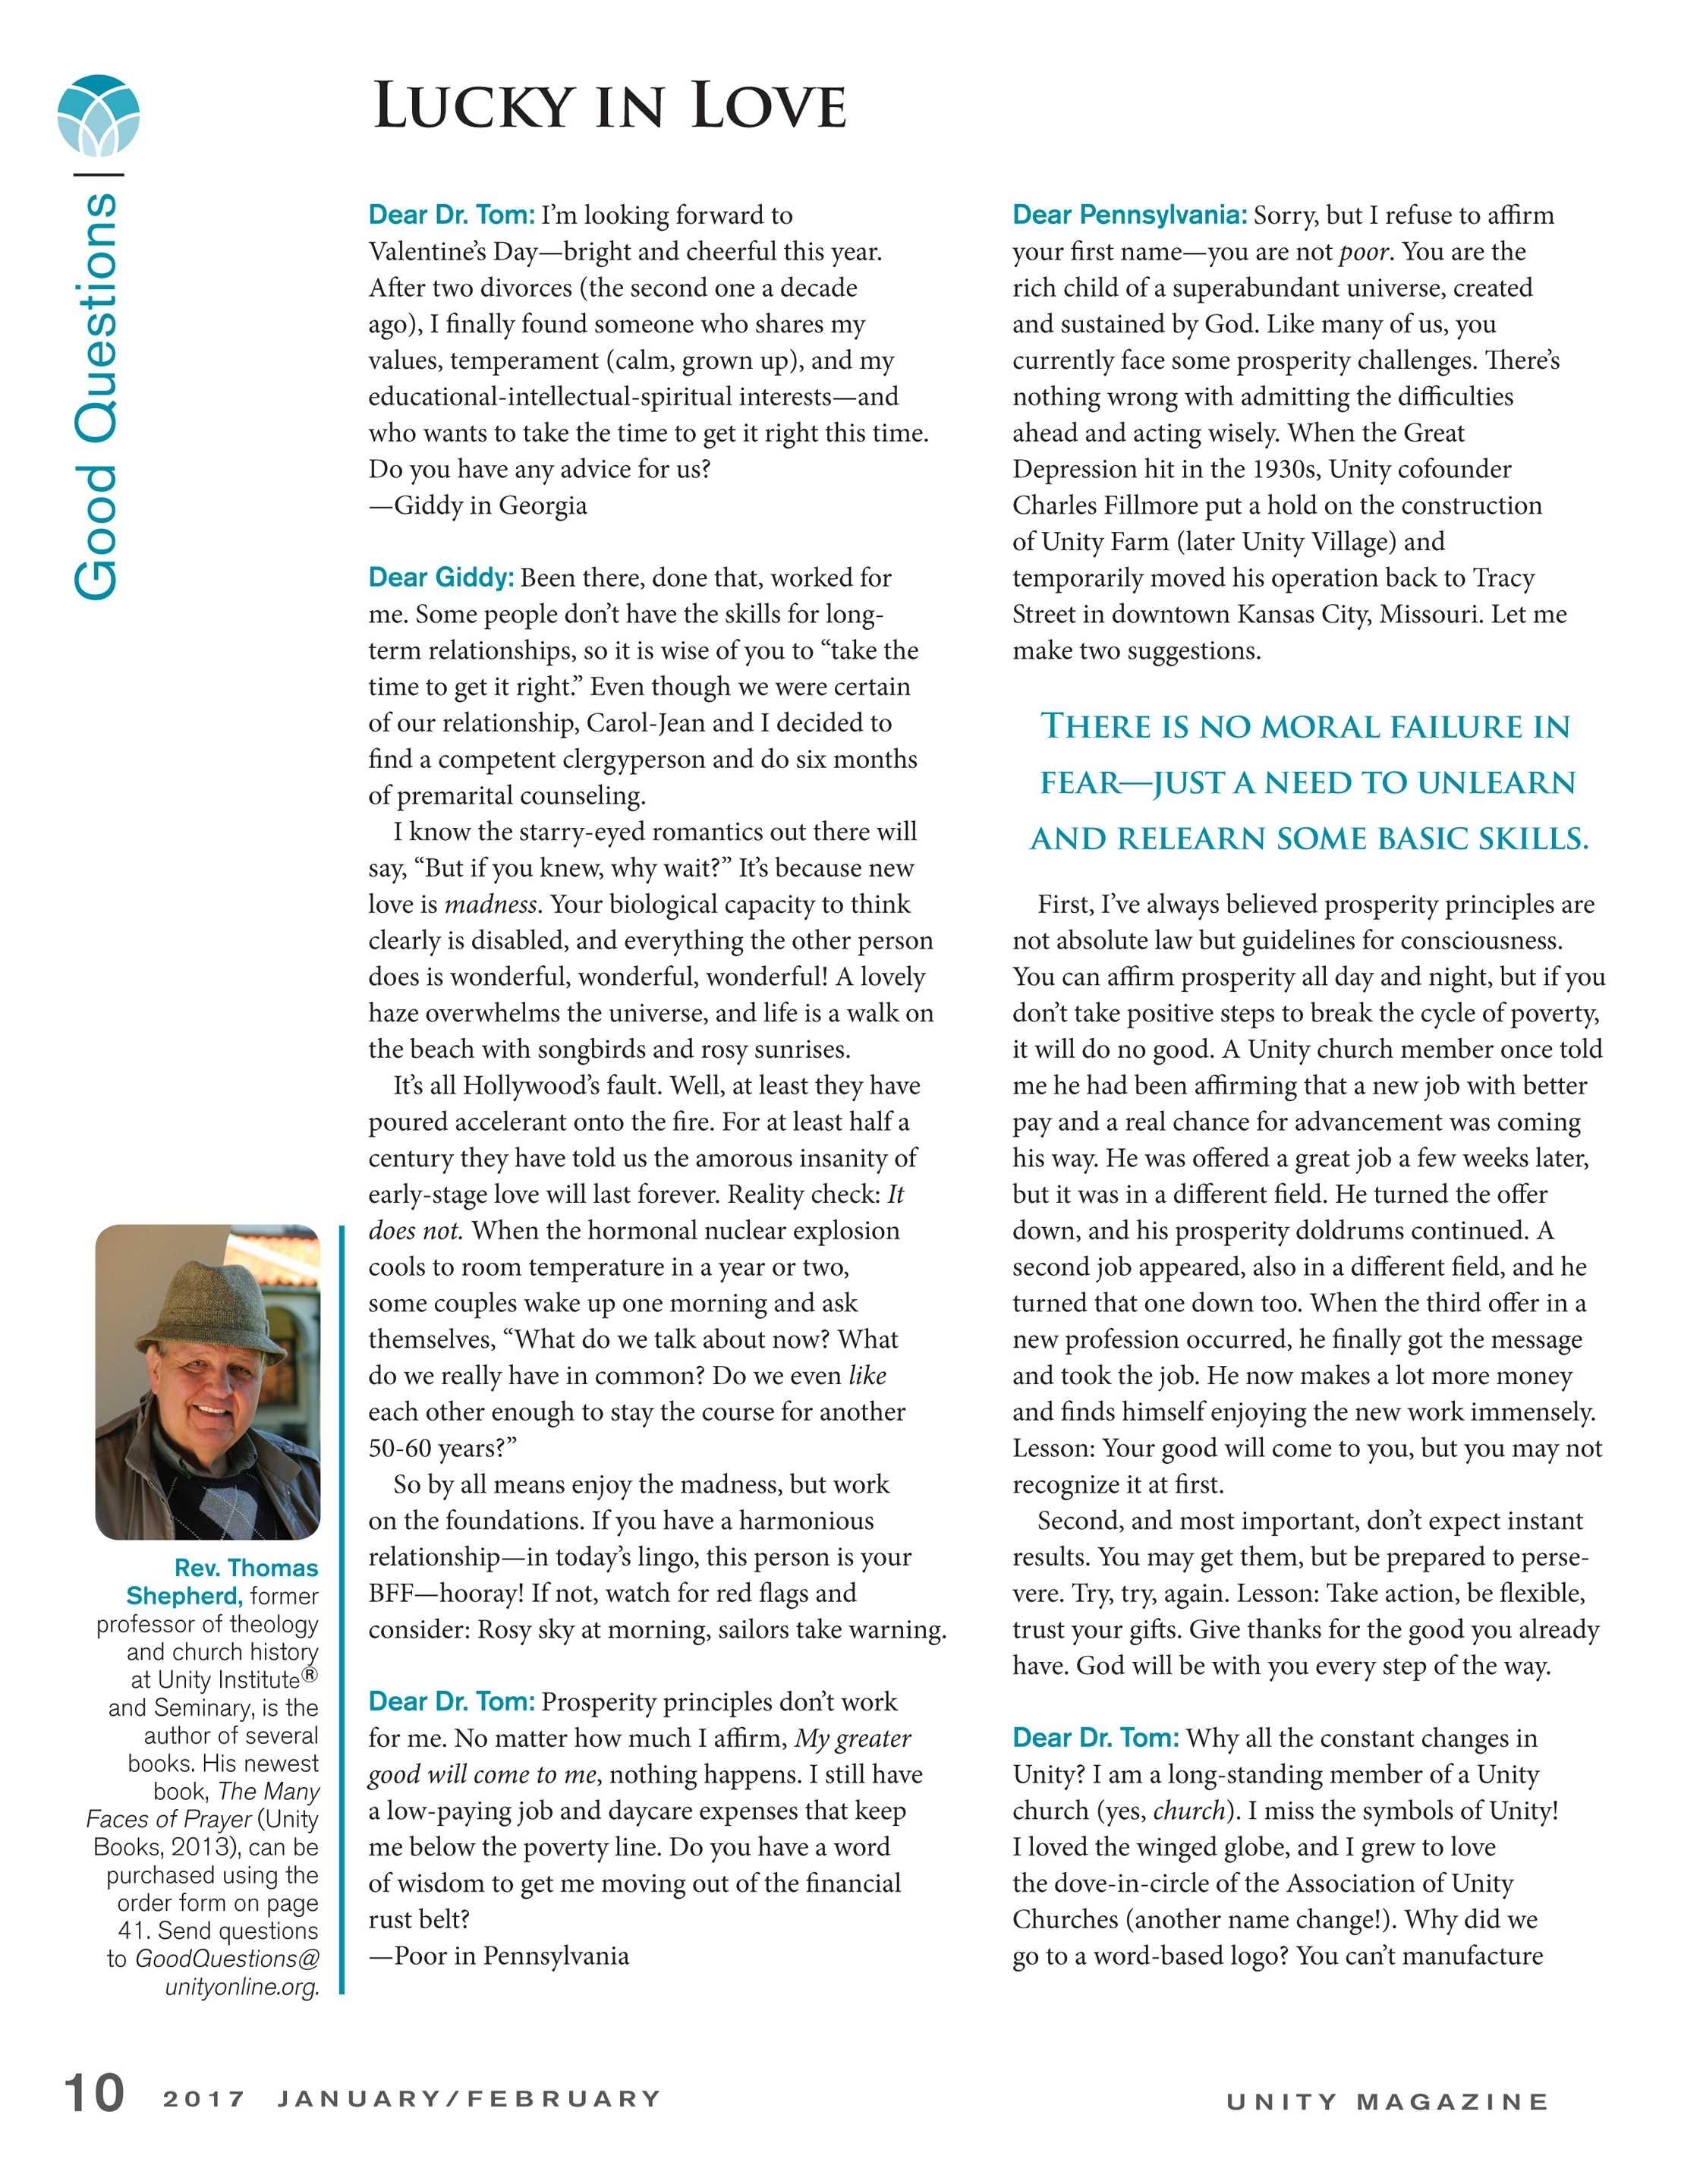 Unity Magazine - January/February 2017 - page 10